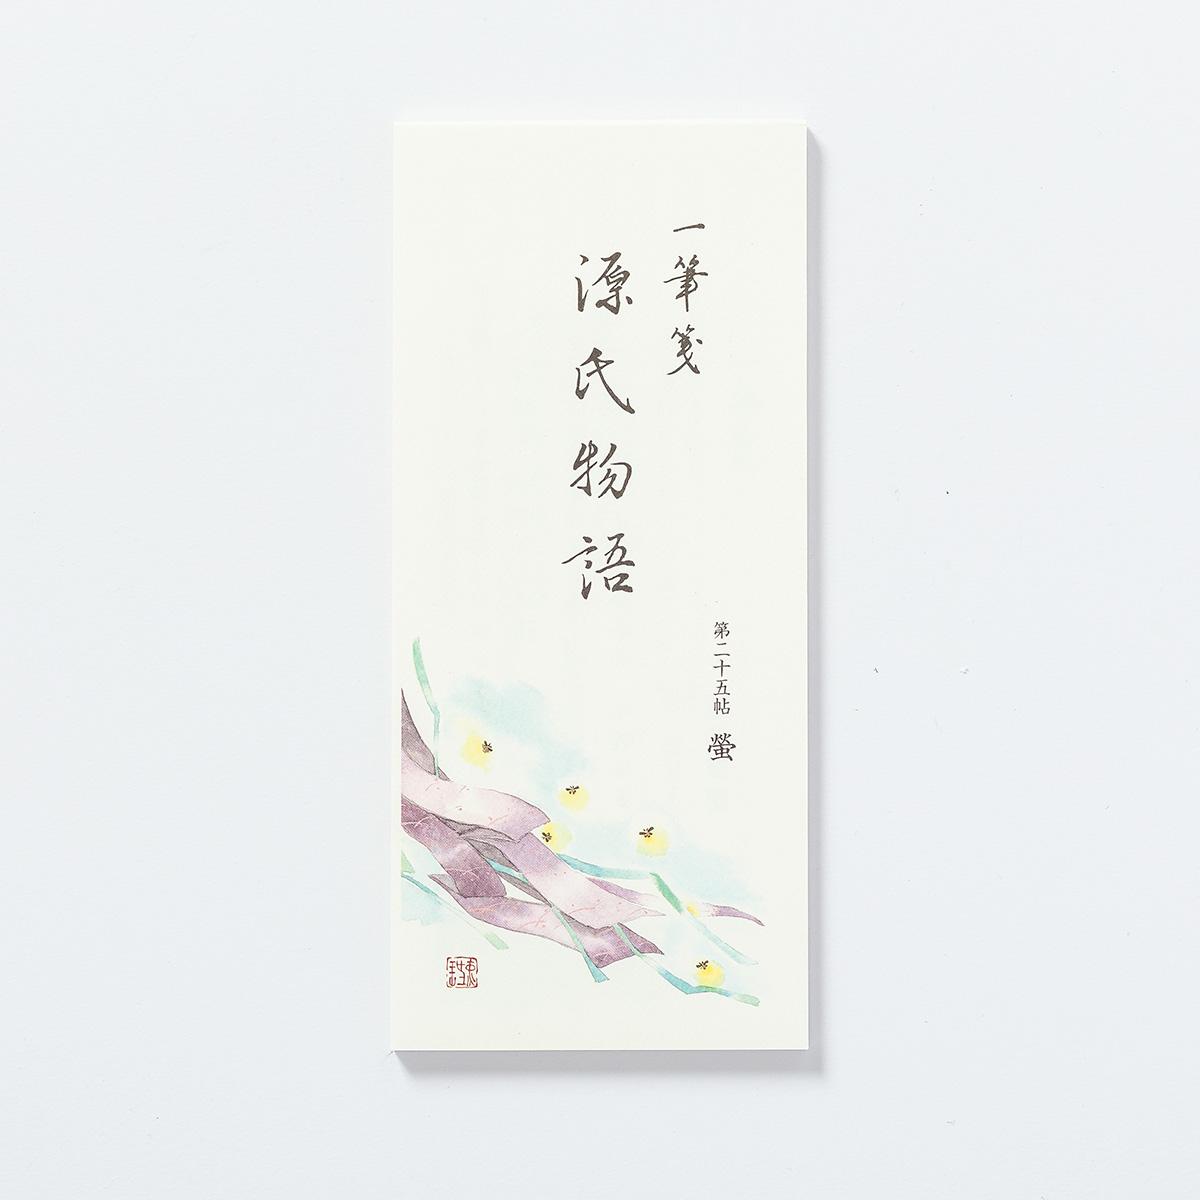 源氏物語一筆箋 第25帖「螢」